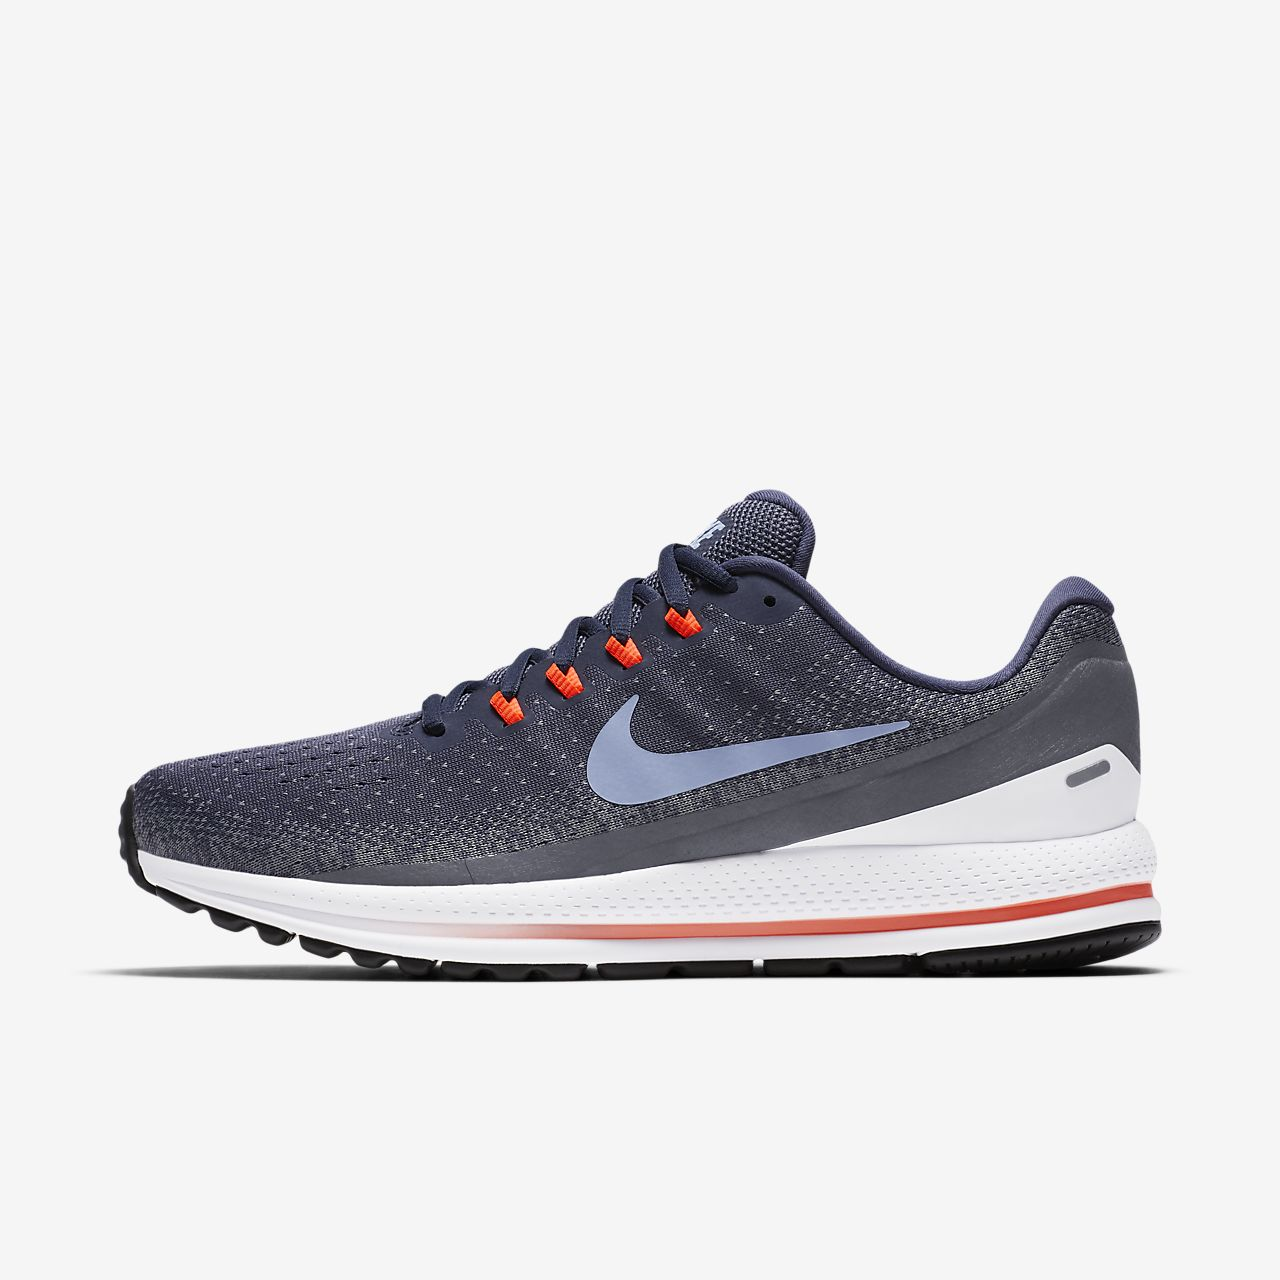 Nike Chaussures De Course Uk 13 Livraison gratuite best-seller L2eS2RN